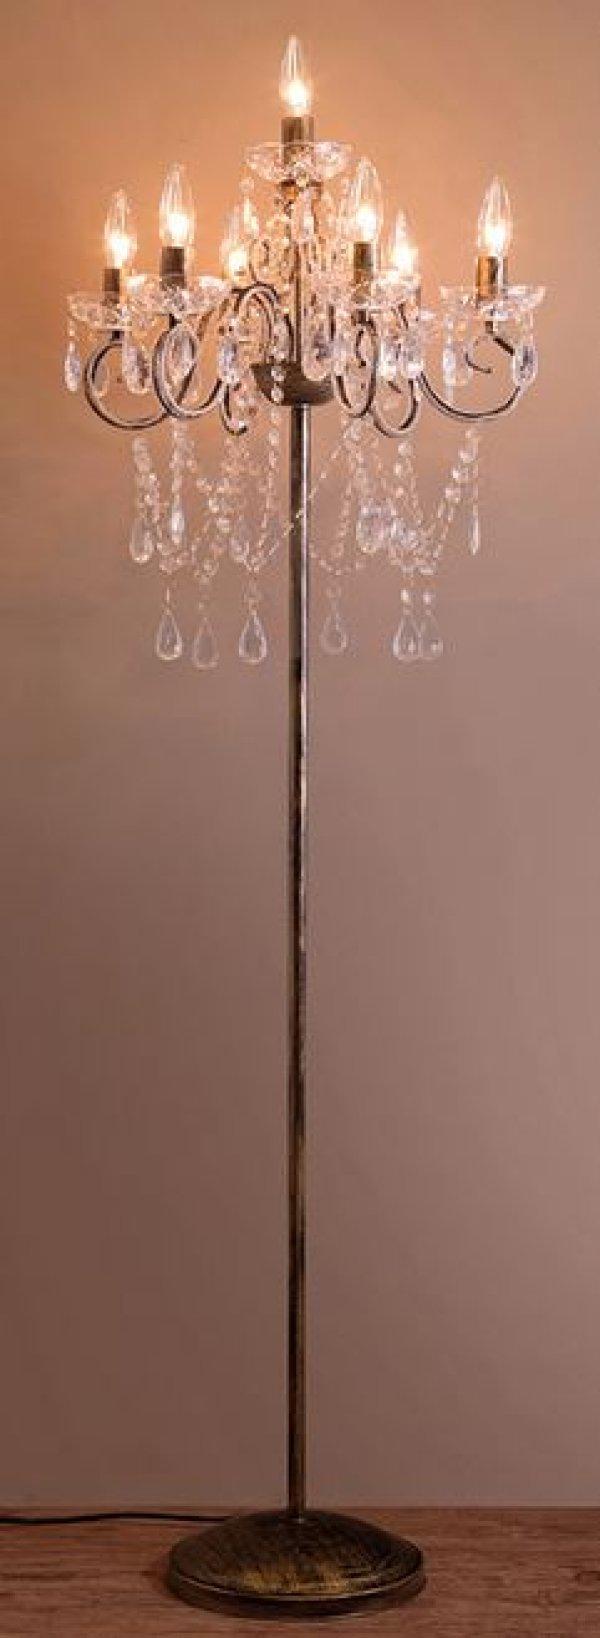 画像1: 輸入家具 照明 フロアスタンド フロアライト フロアランプ シャンデリア ゴールド イタリアン ゴ ージャス エレガント 姫系 アンティーク風 67D3051483 クリスティ LED (1)